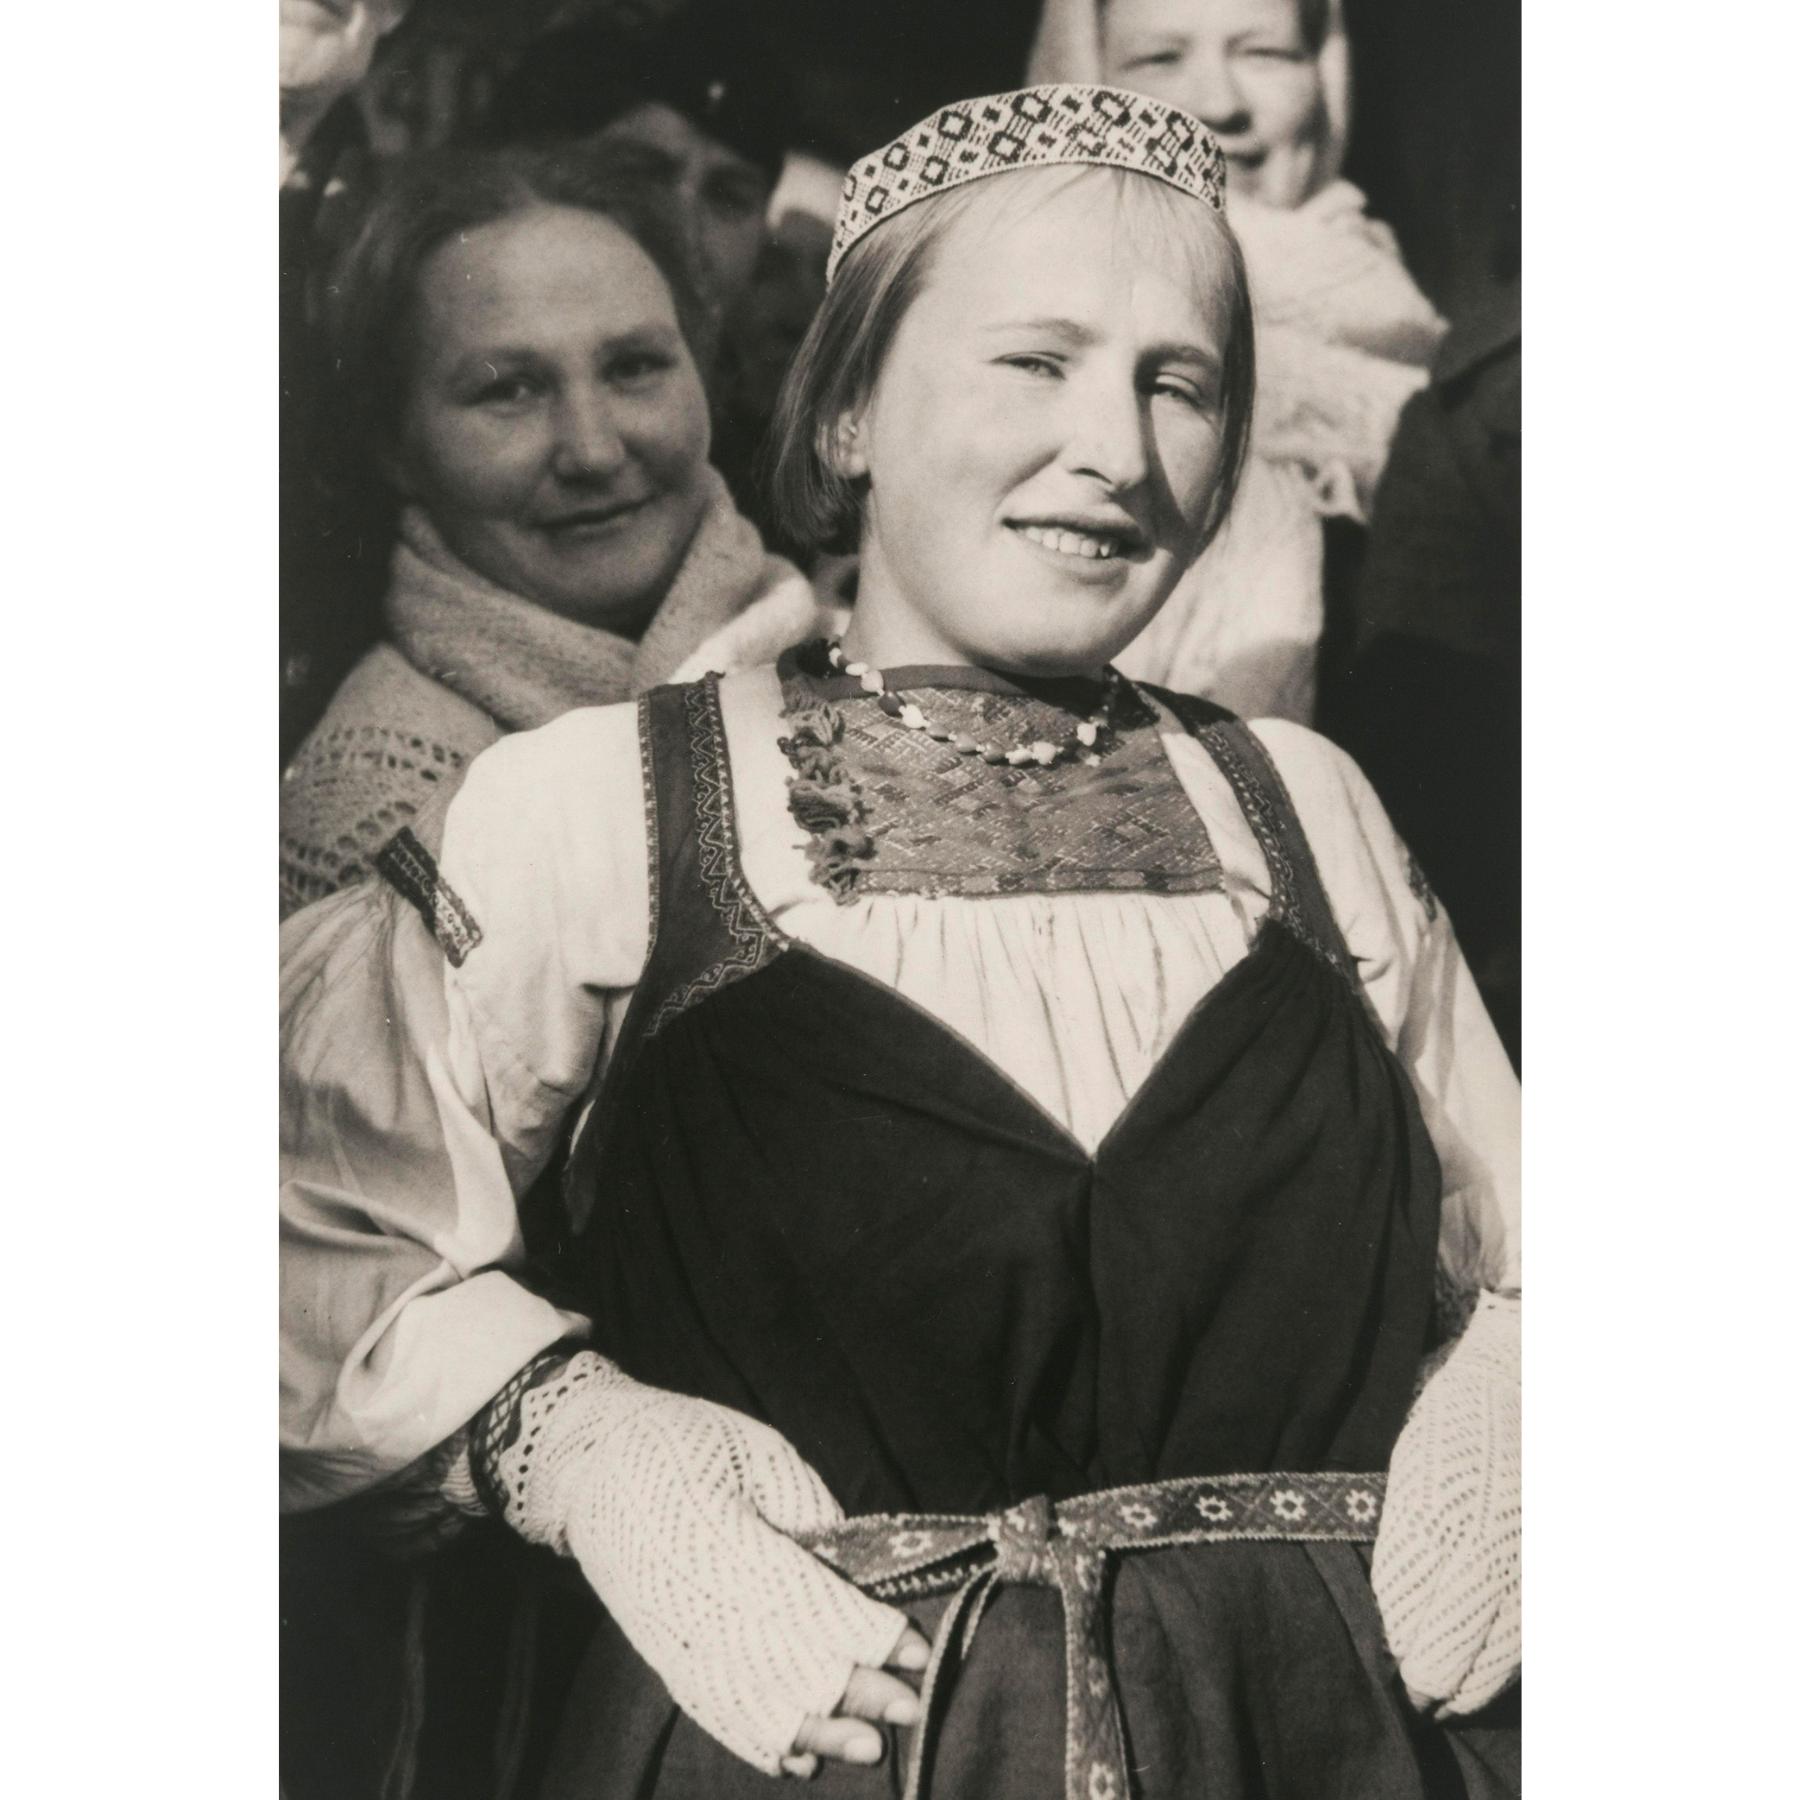 Nuori nainen Tuutarin puvussa. Kuvattu Inkerissä 1940-luvulla. Kuva Antti Hämäläinen. SKS KRA, Antti Hämäläisen kuvakokoelma. CC BY 4.0